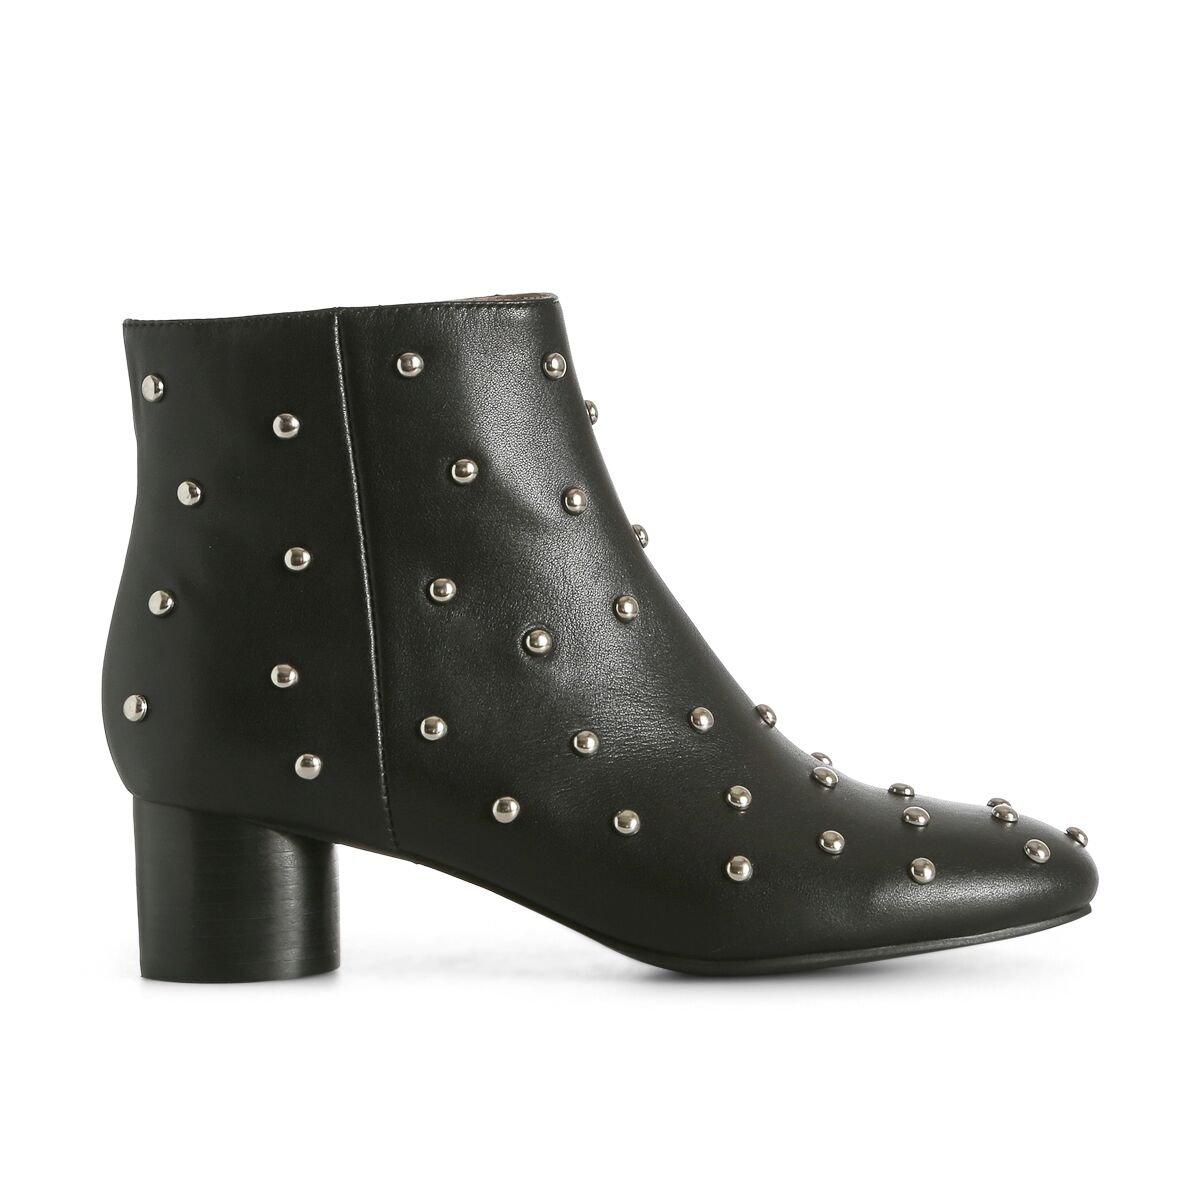 Schuhe The Bear Damen Aya Studs Stiefeletten